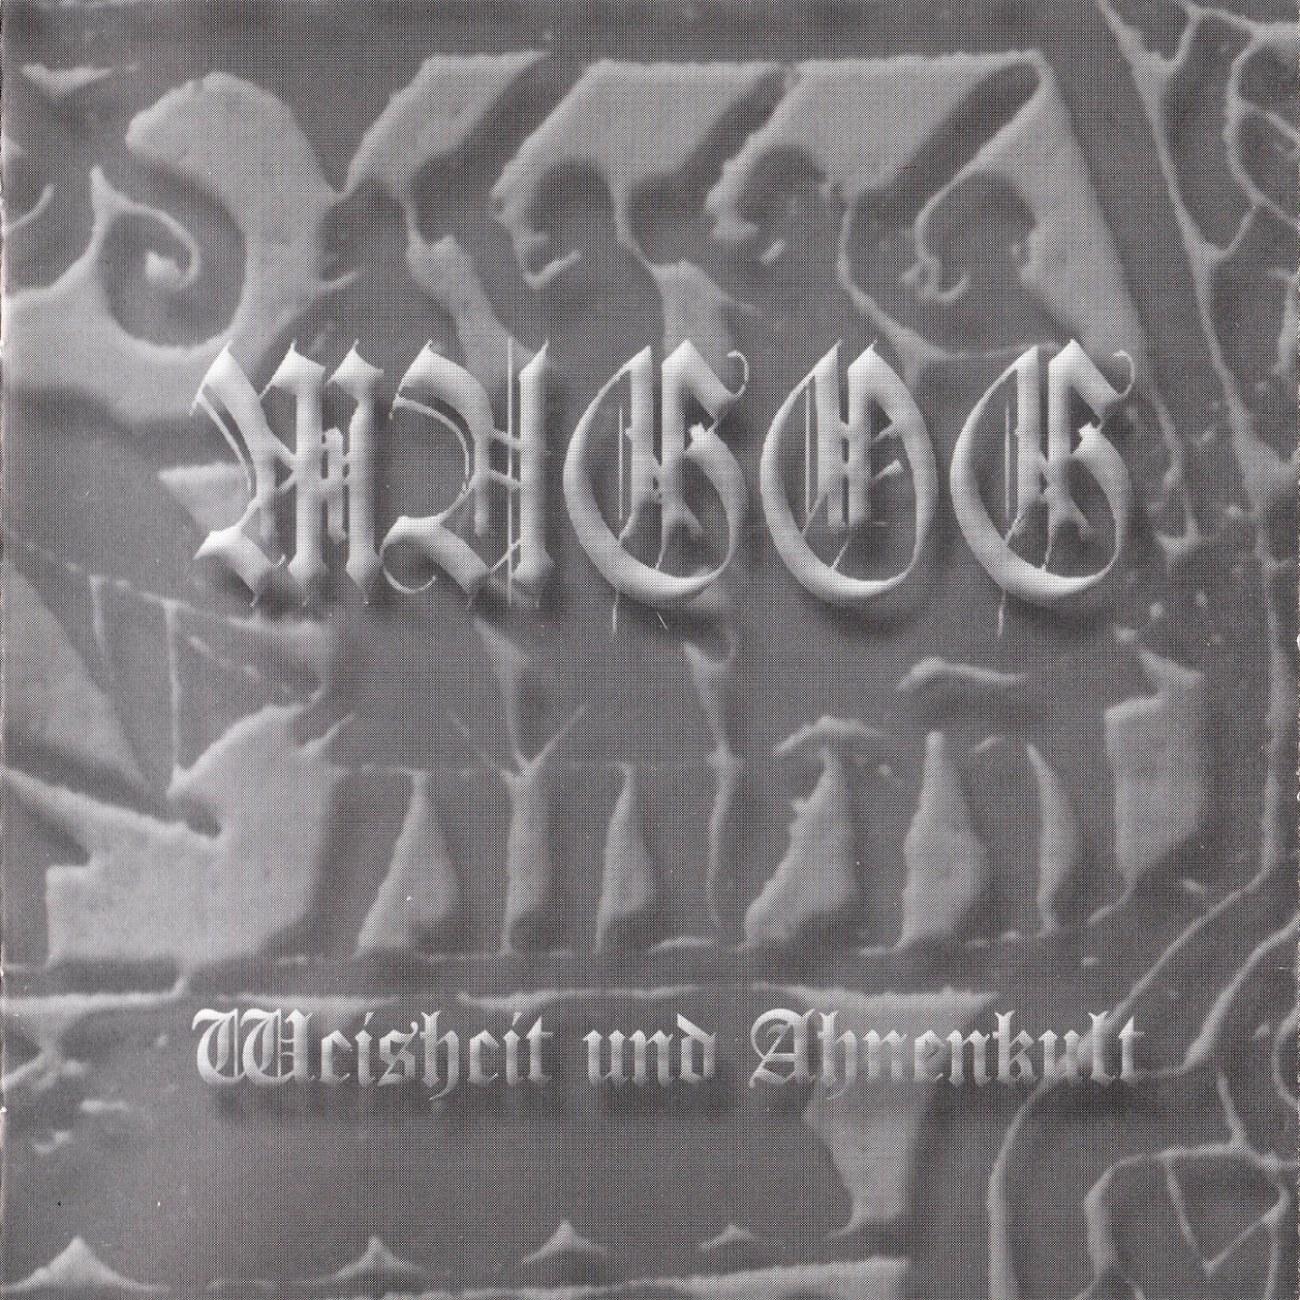 Review for Magog (DEU) - Weisheit und Ahnenkult